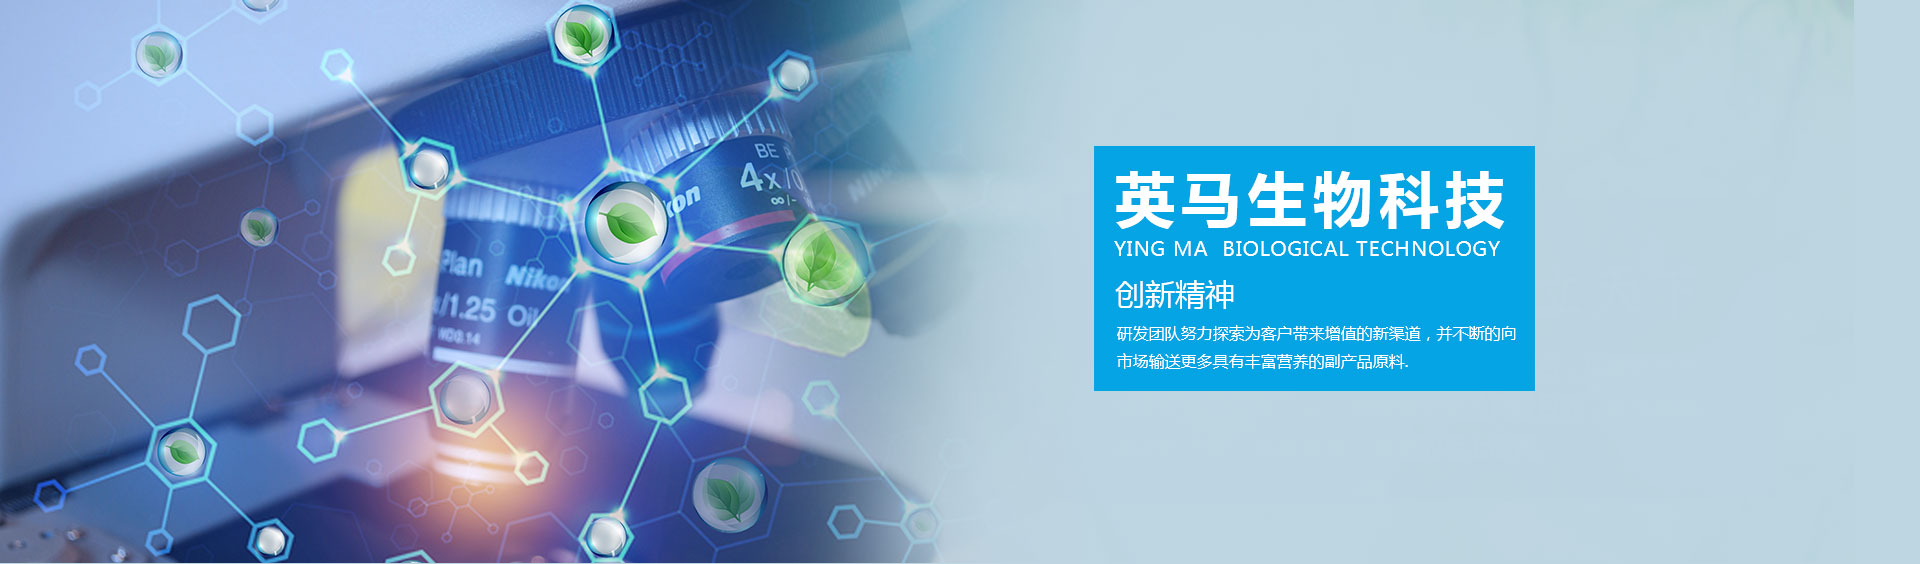 哈尔滨1分快3平台科技有限公司